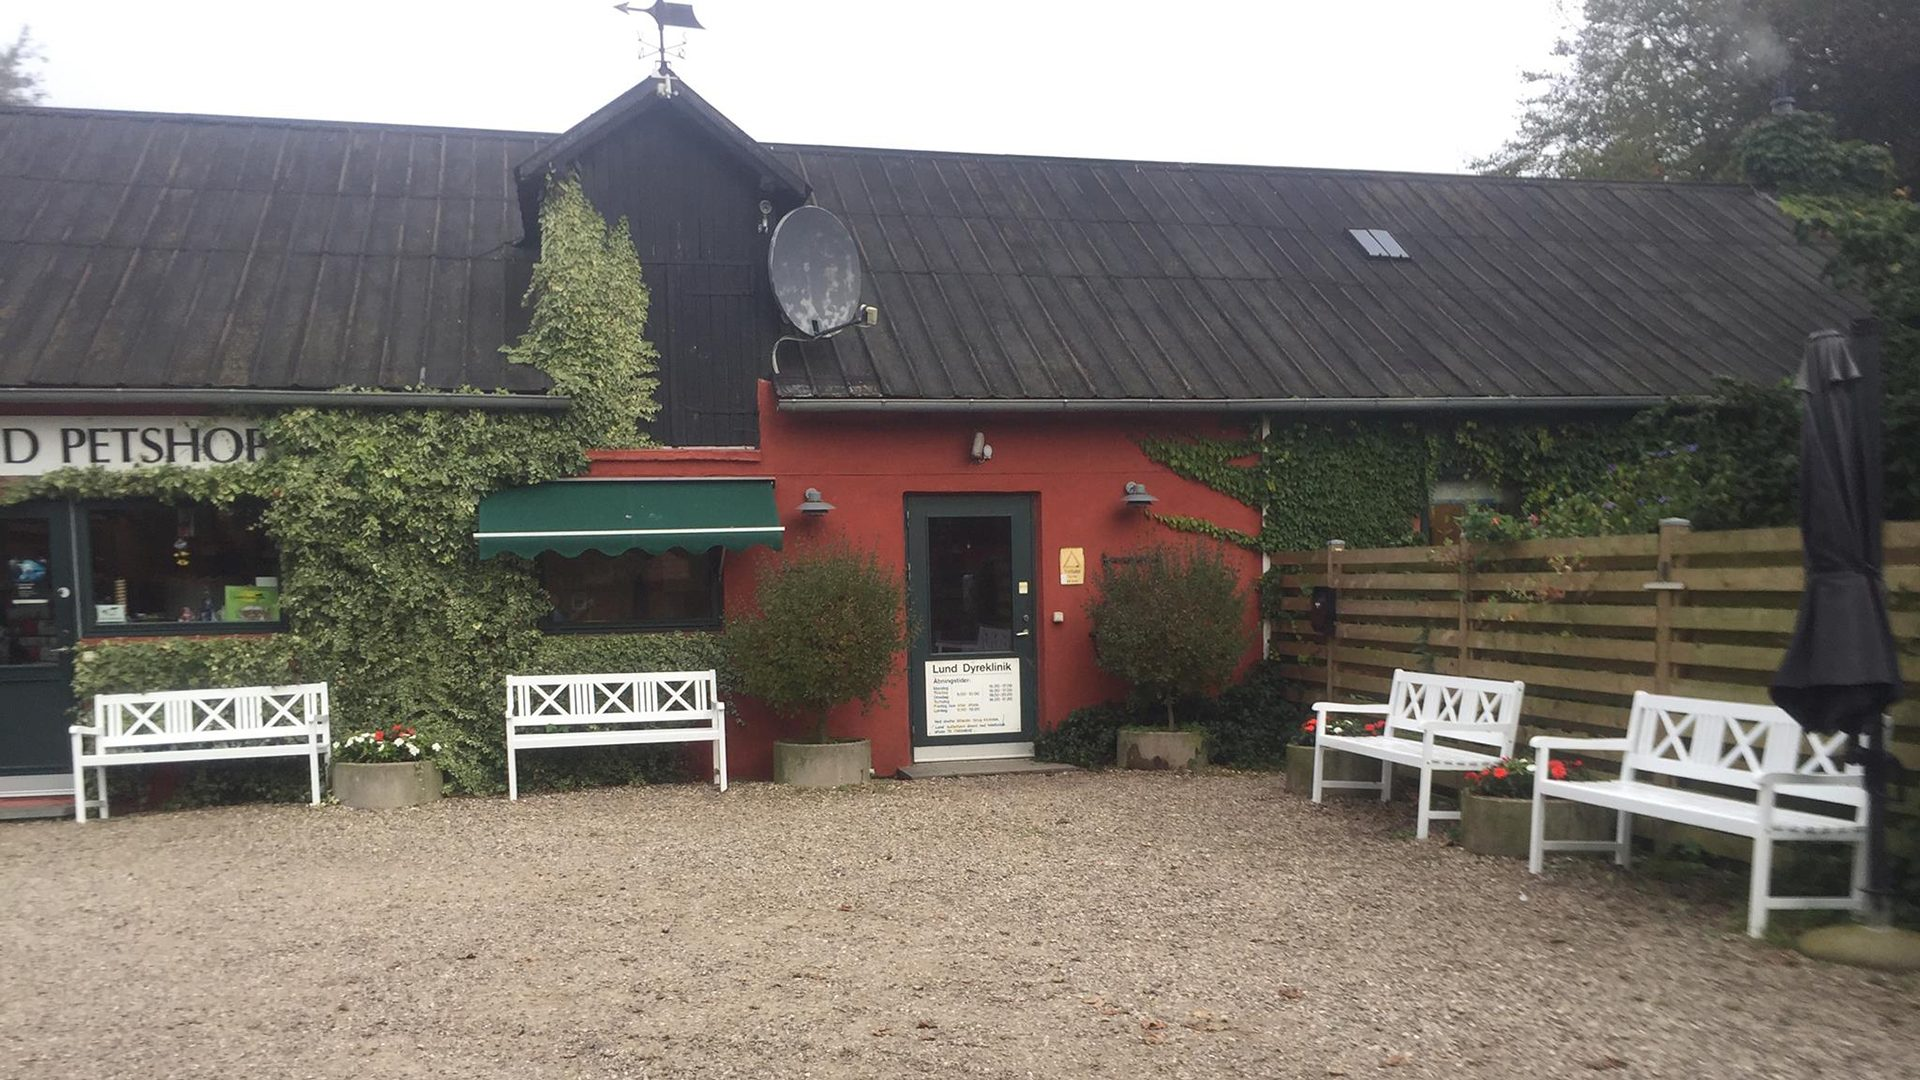 Lund Kattehjem Køb kat Horsens